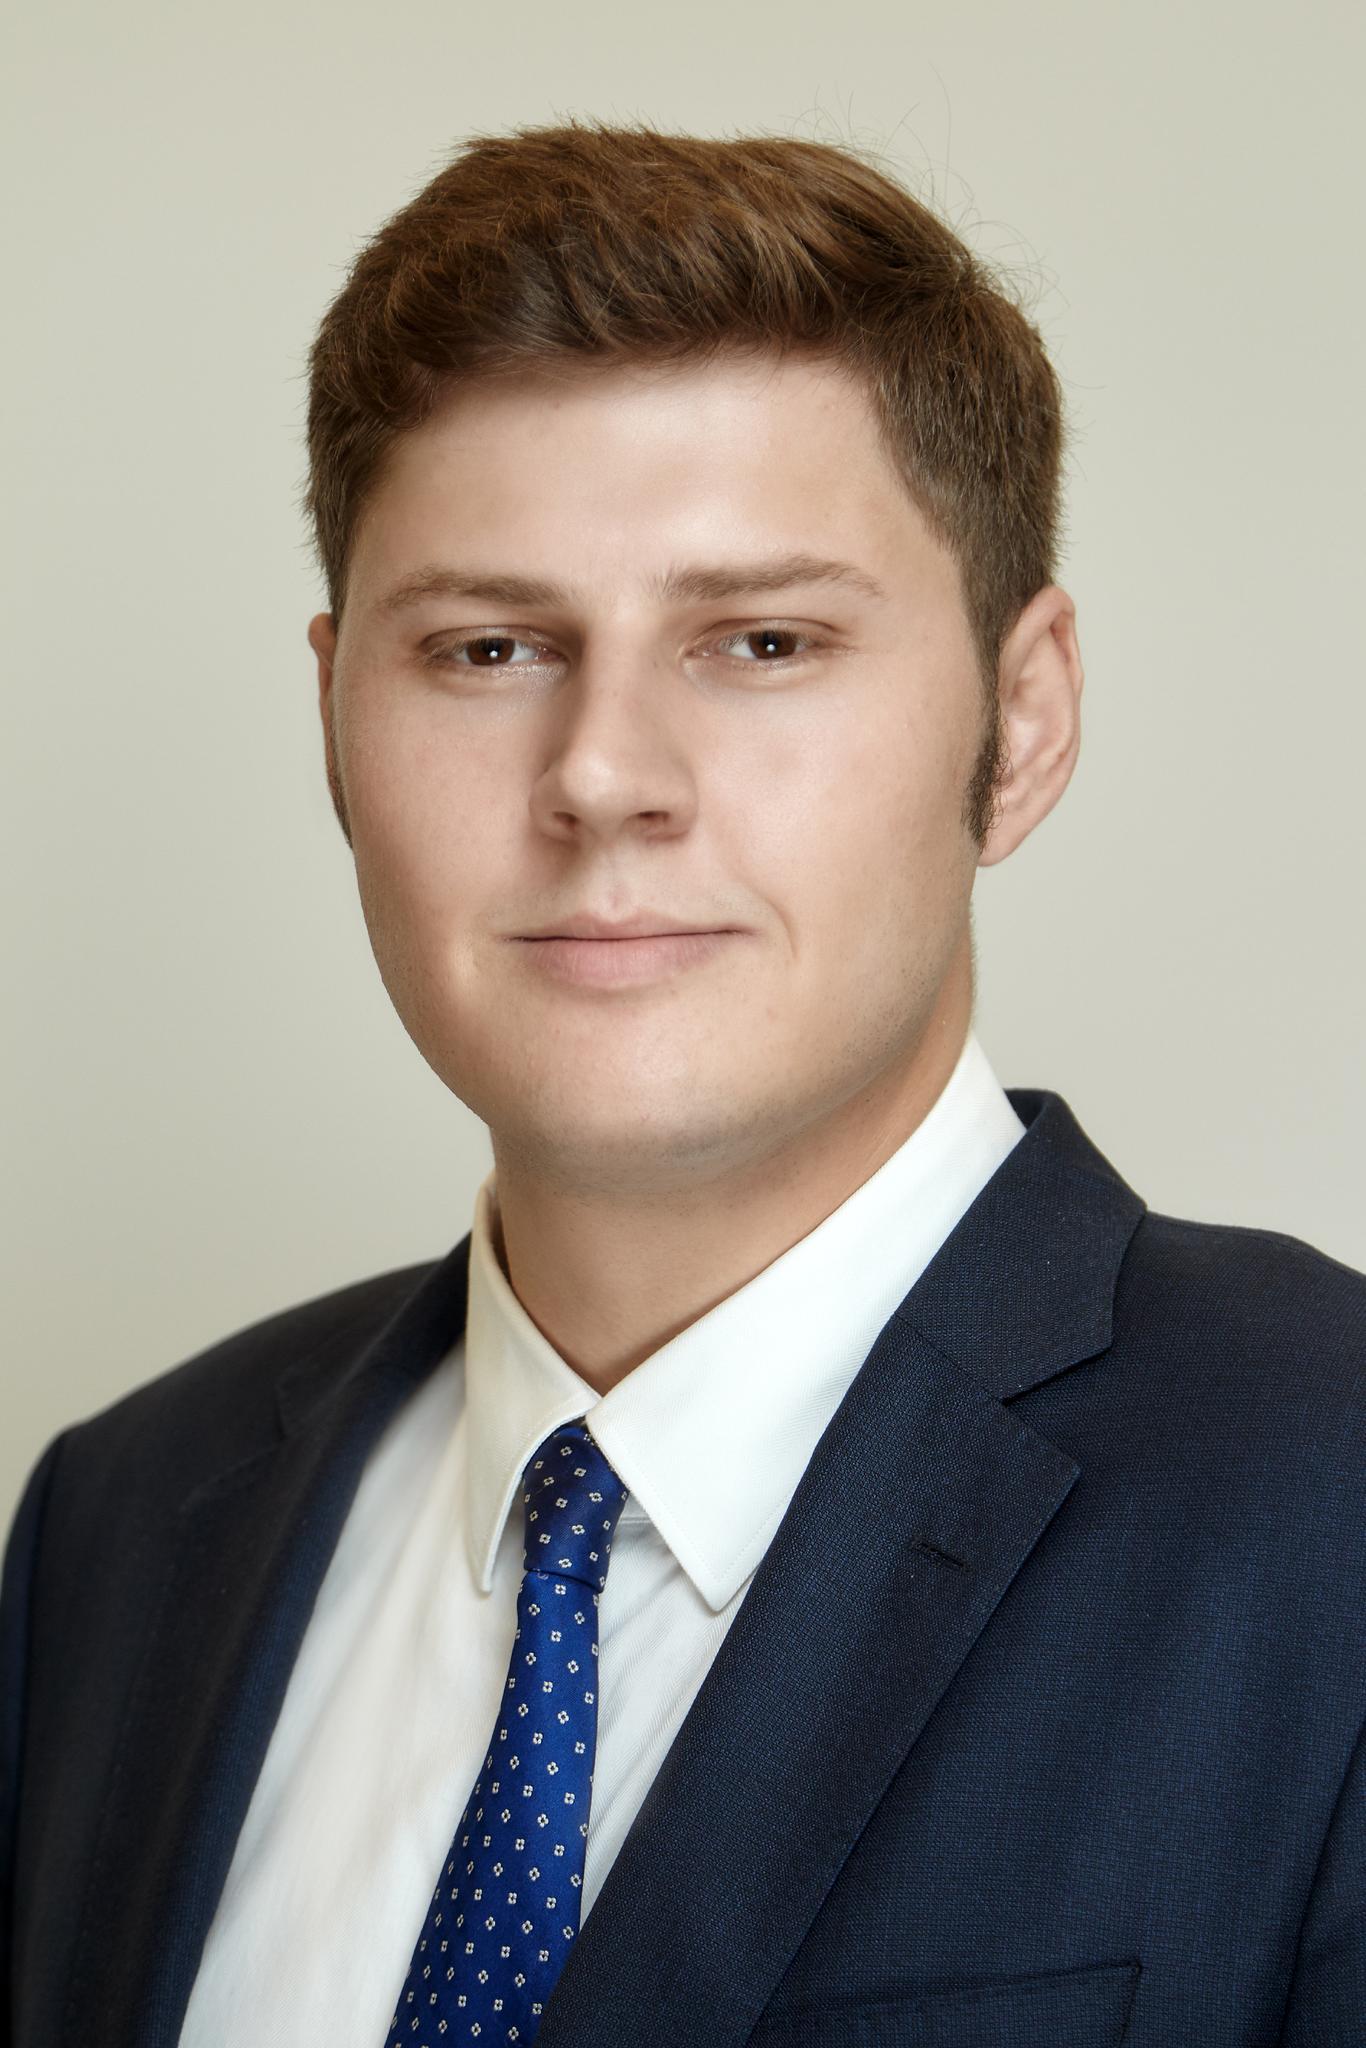 Ilya Machavariani